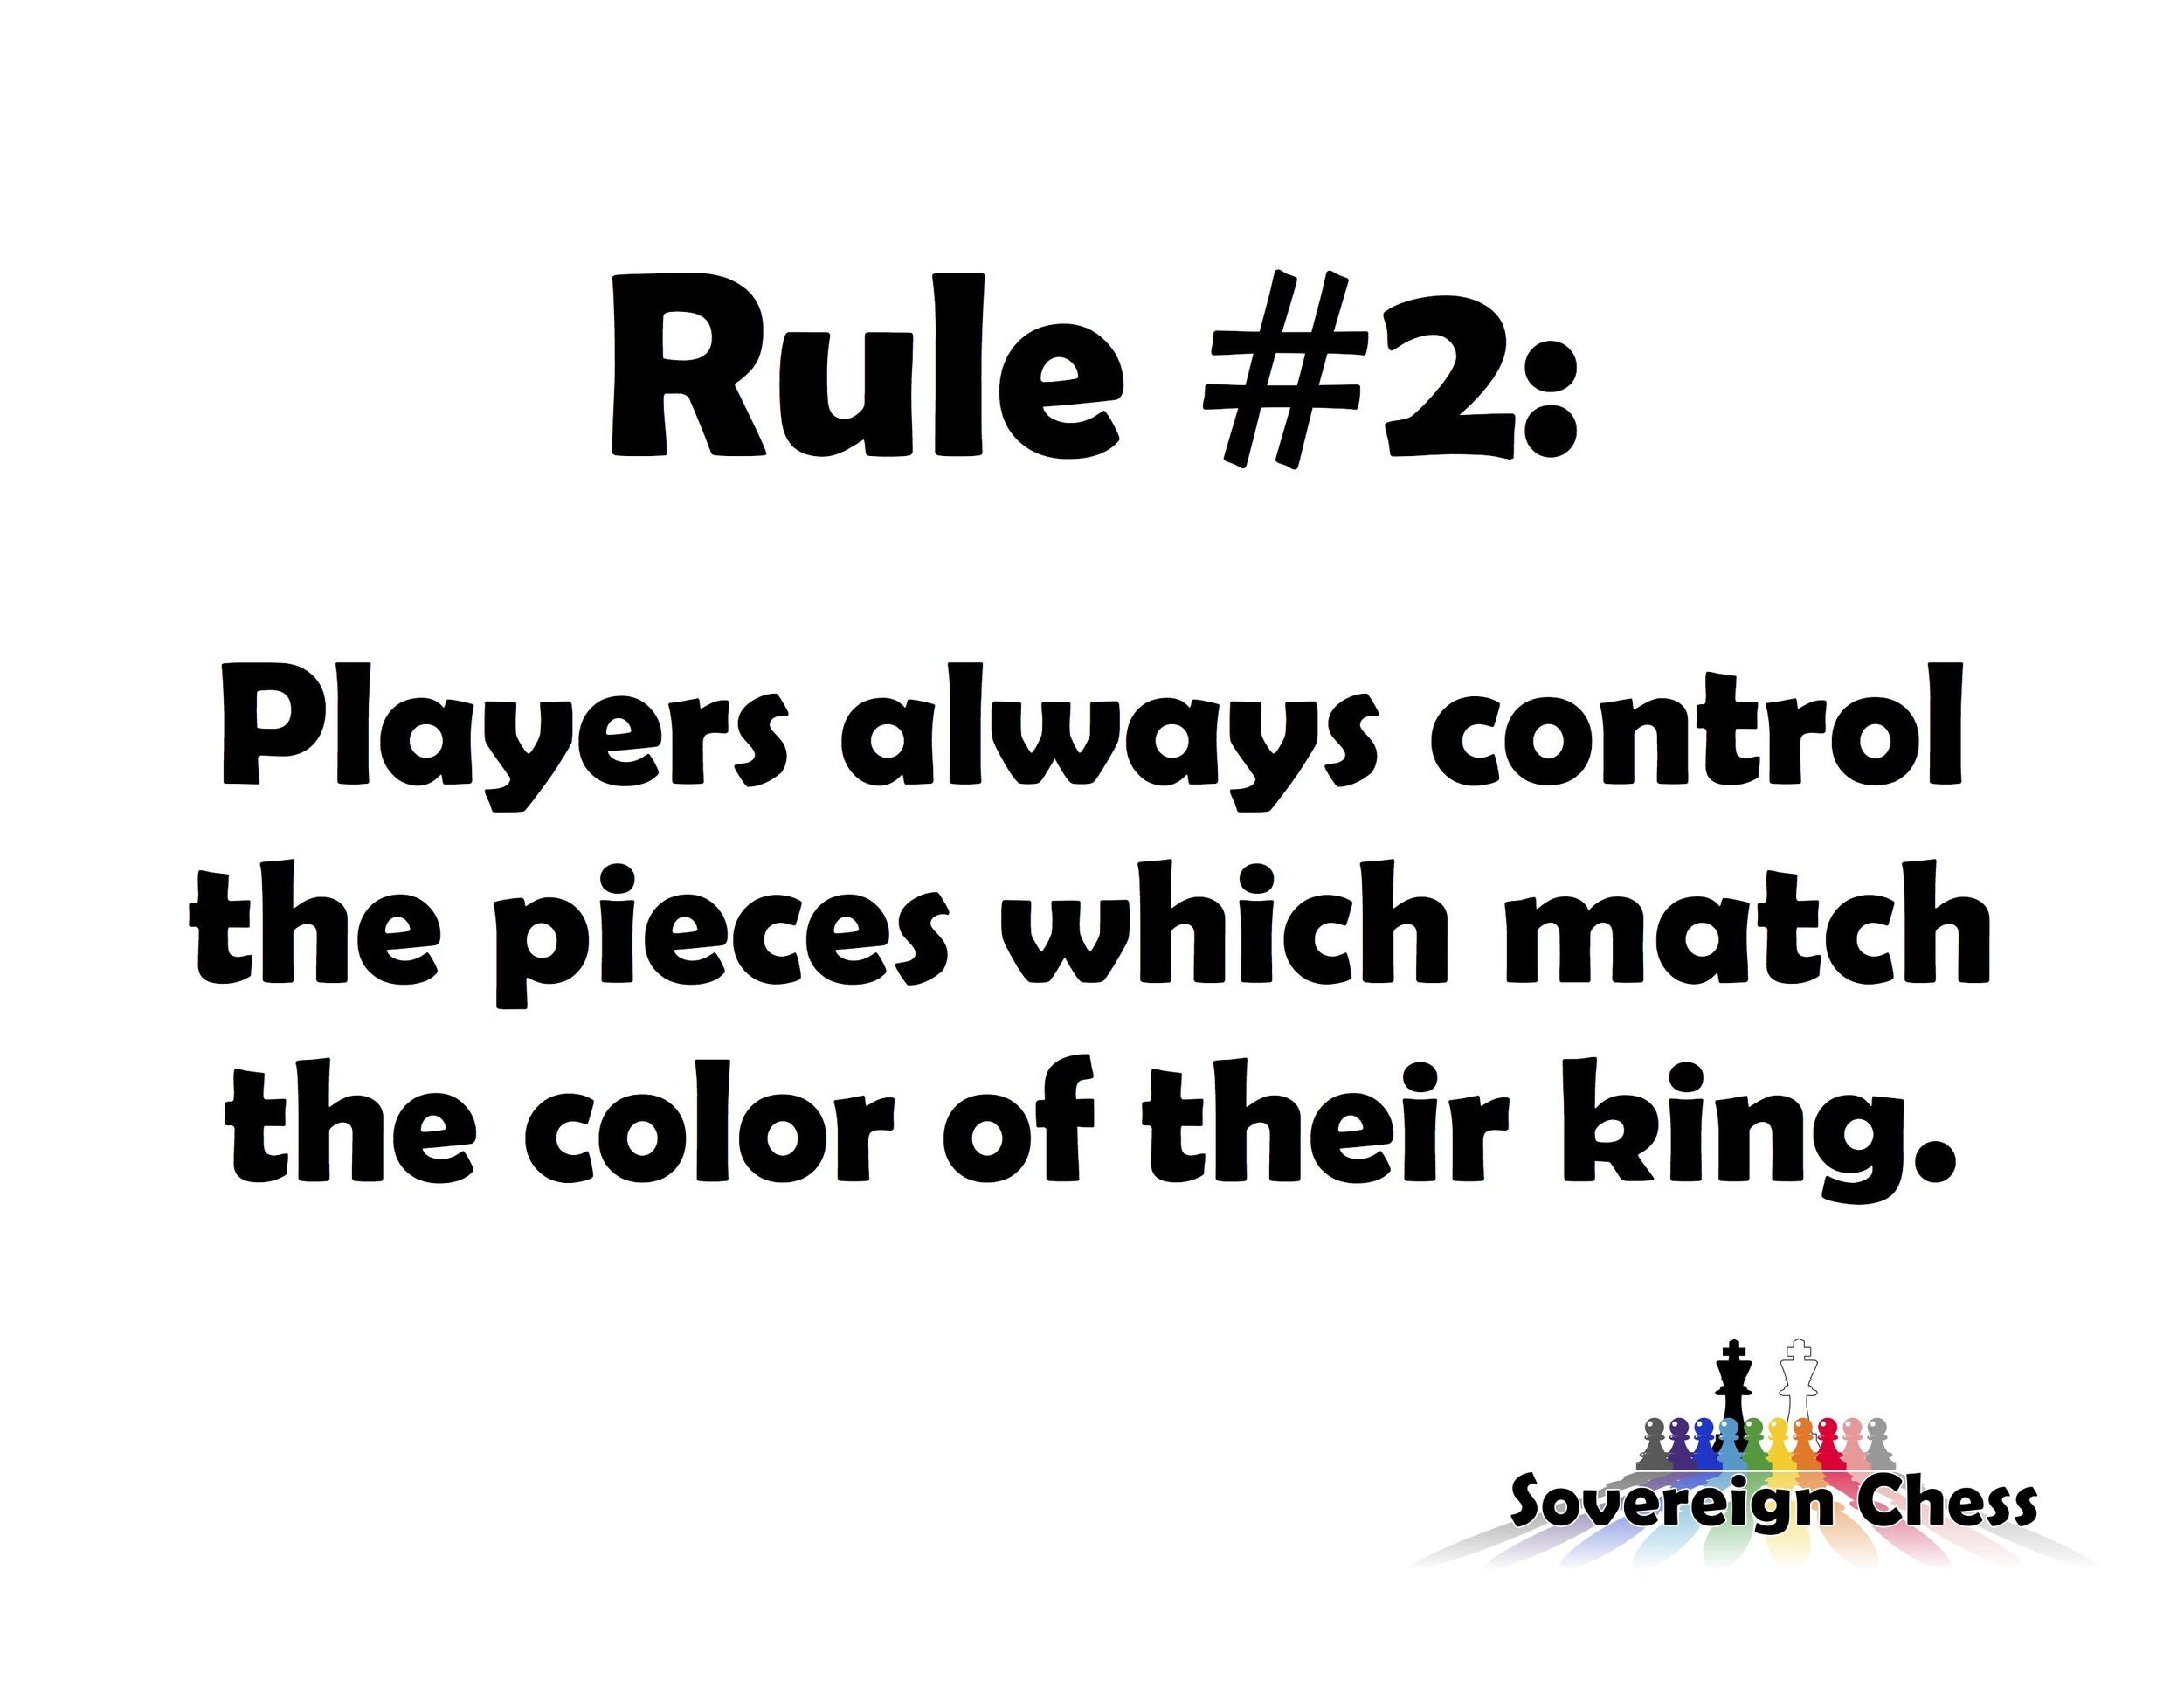 Rule #2.jpg